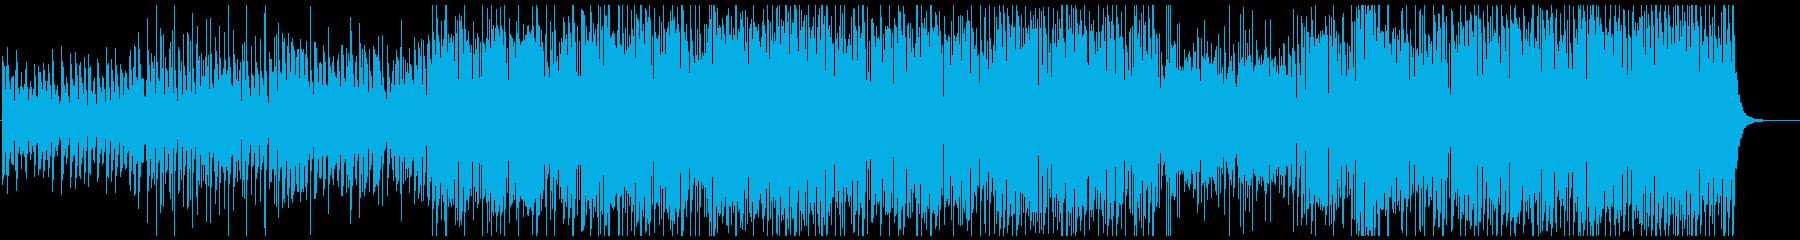 レトロ ファンタジー マジック 励...の再生済みの波形